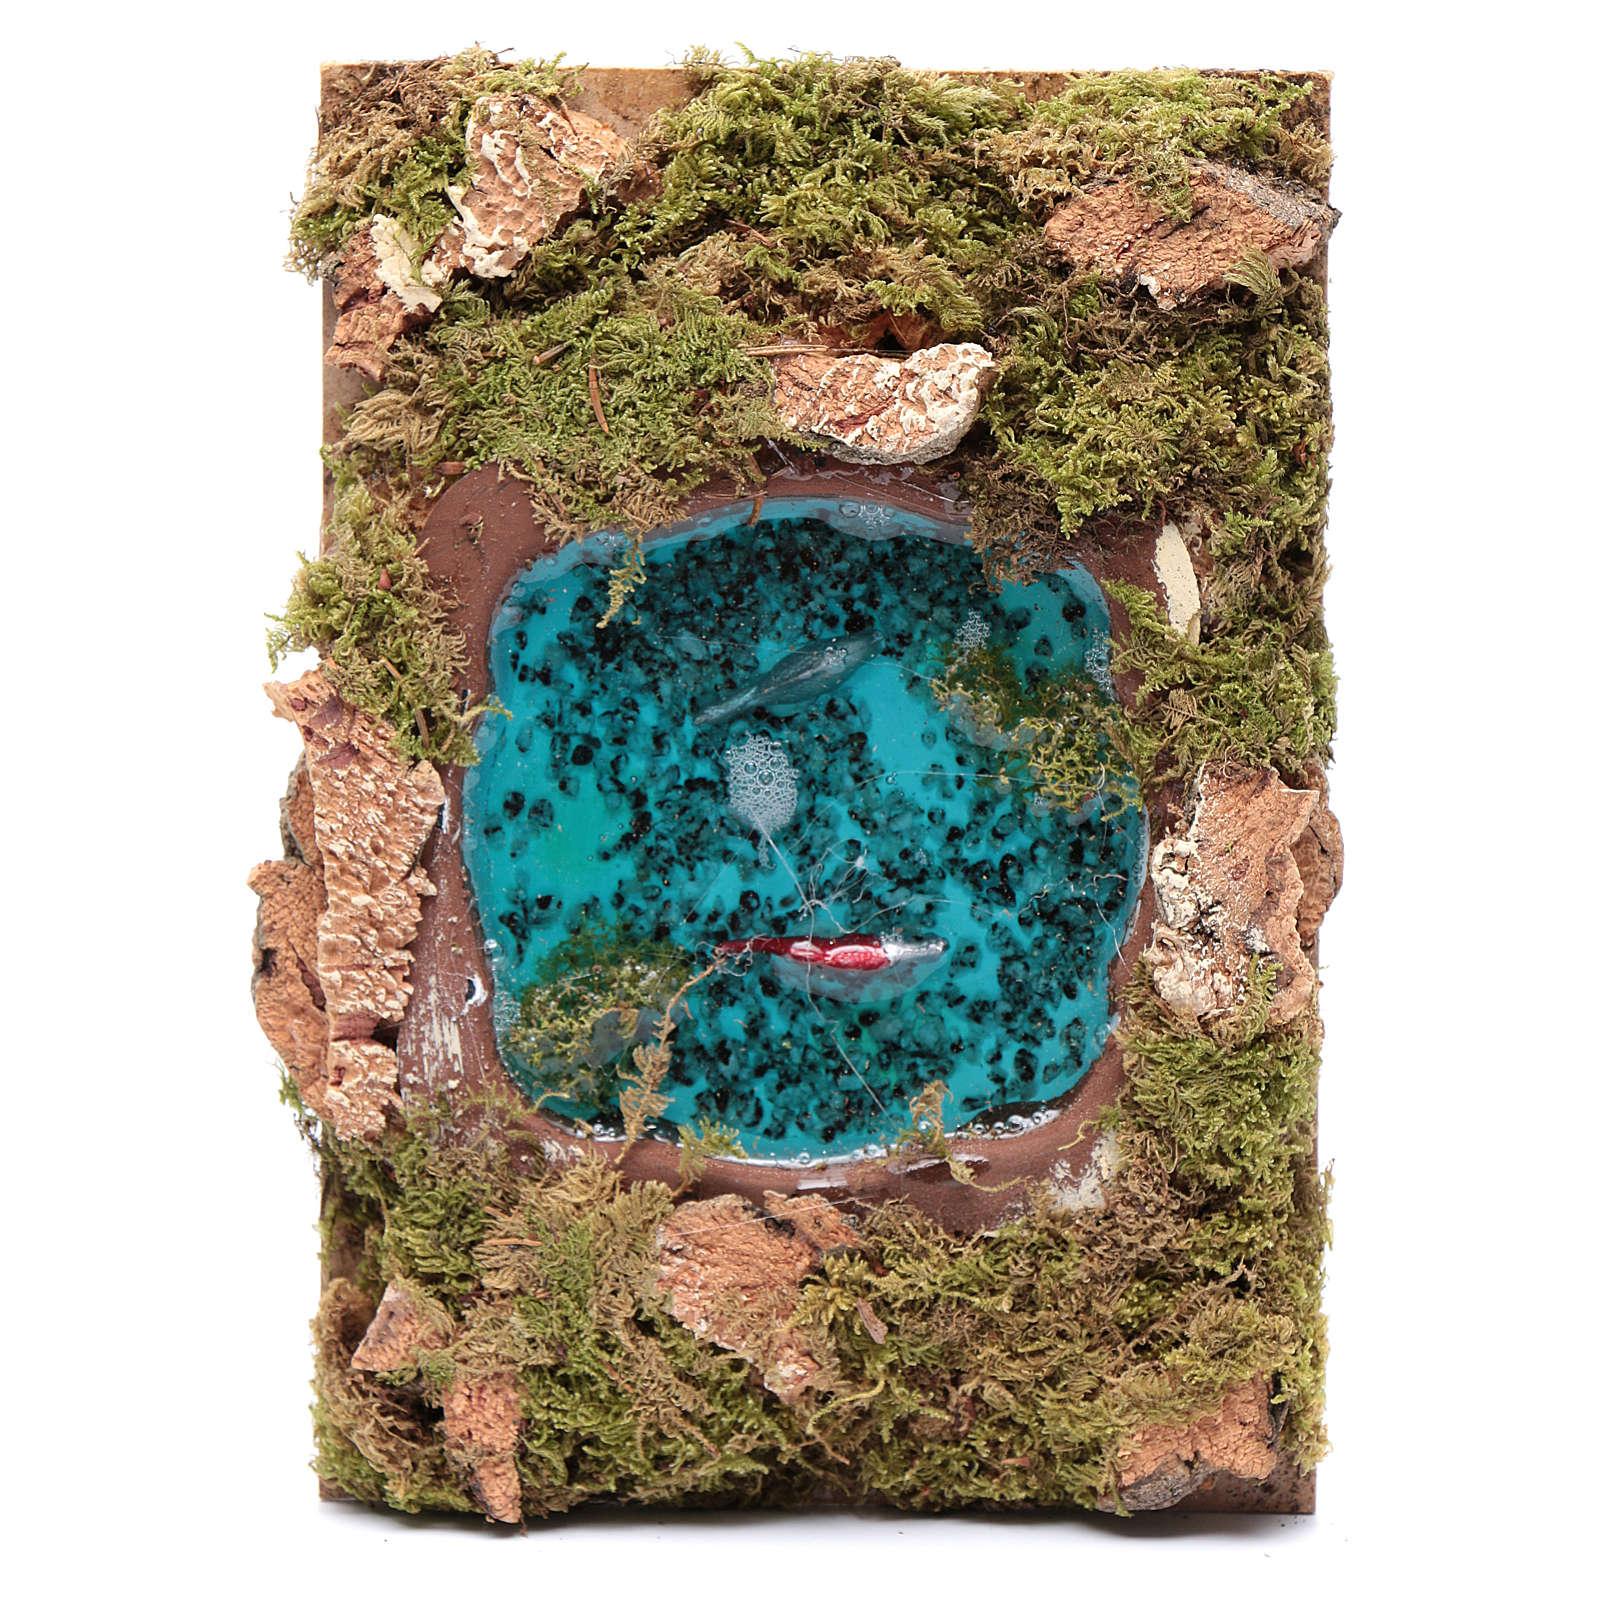 Lago con peces efecto agua accesorio belén 5x20x15 cm 4